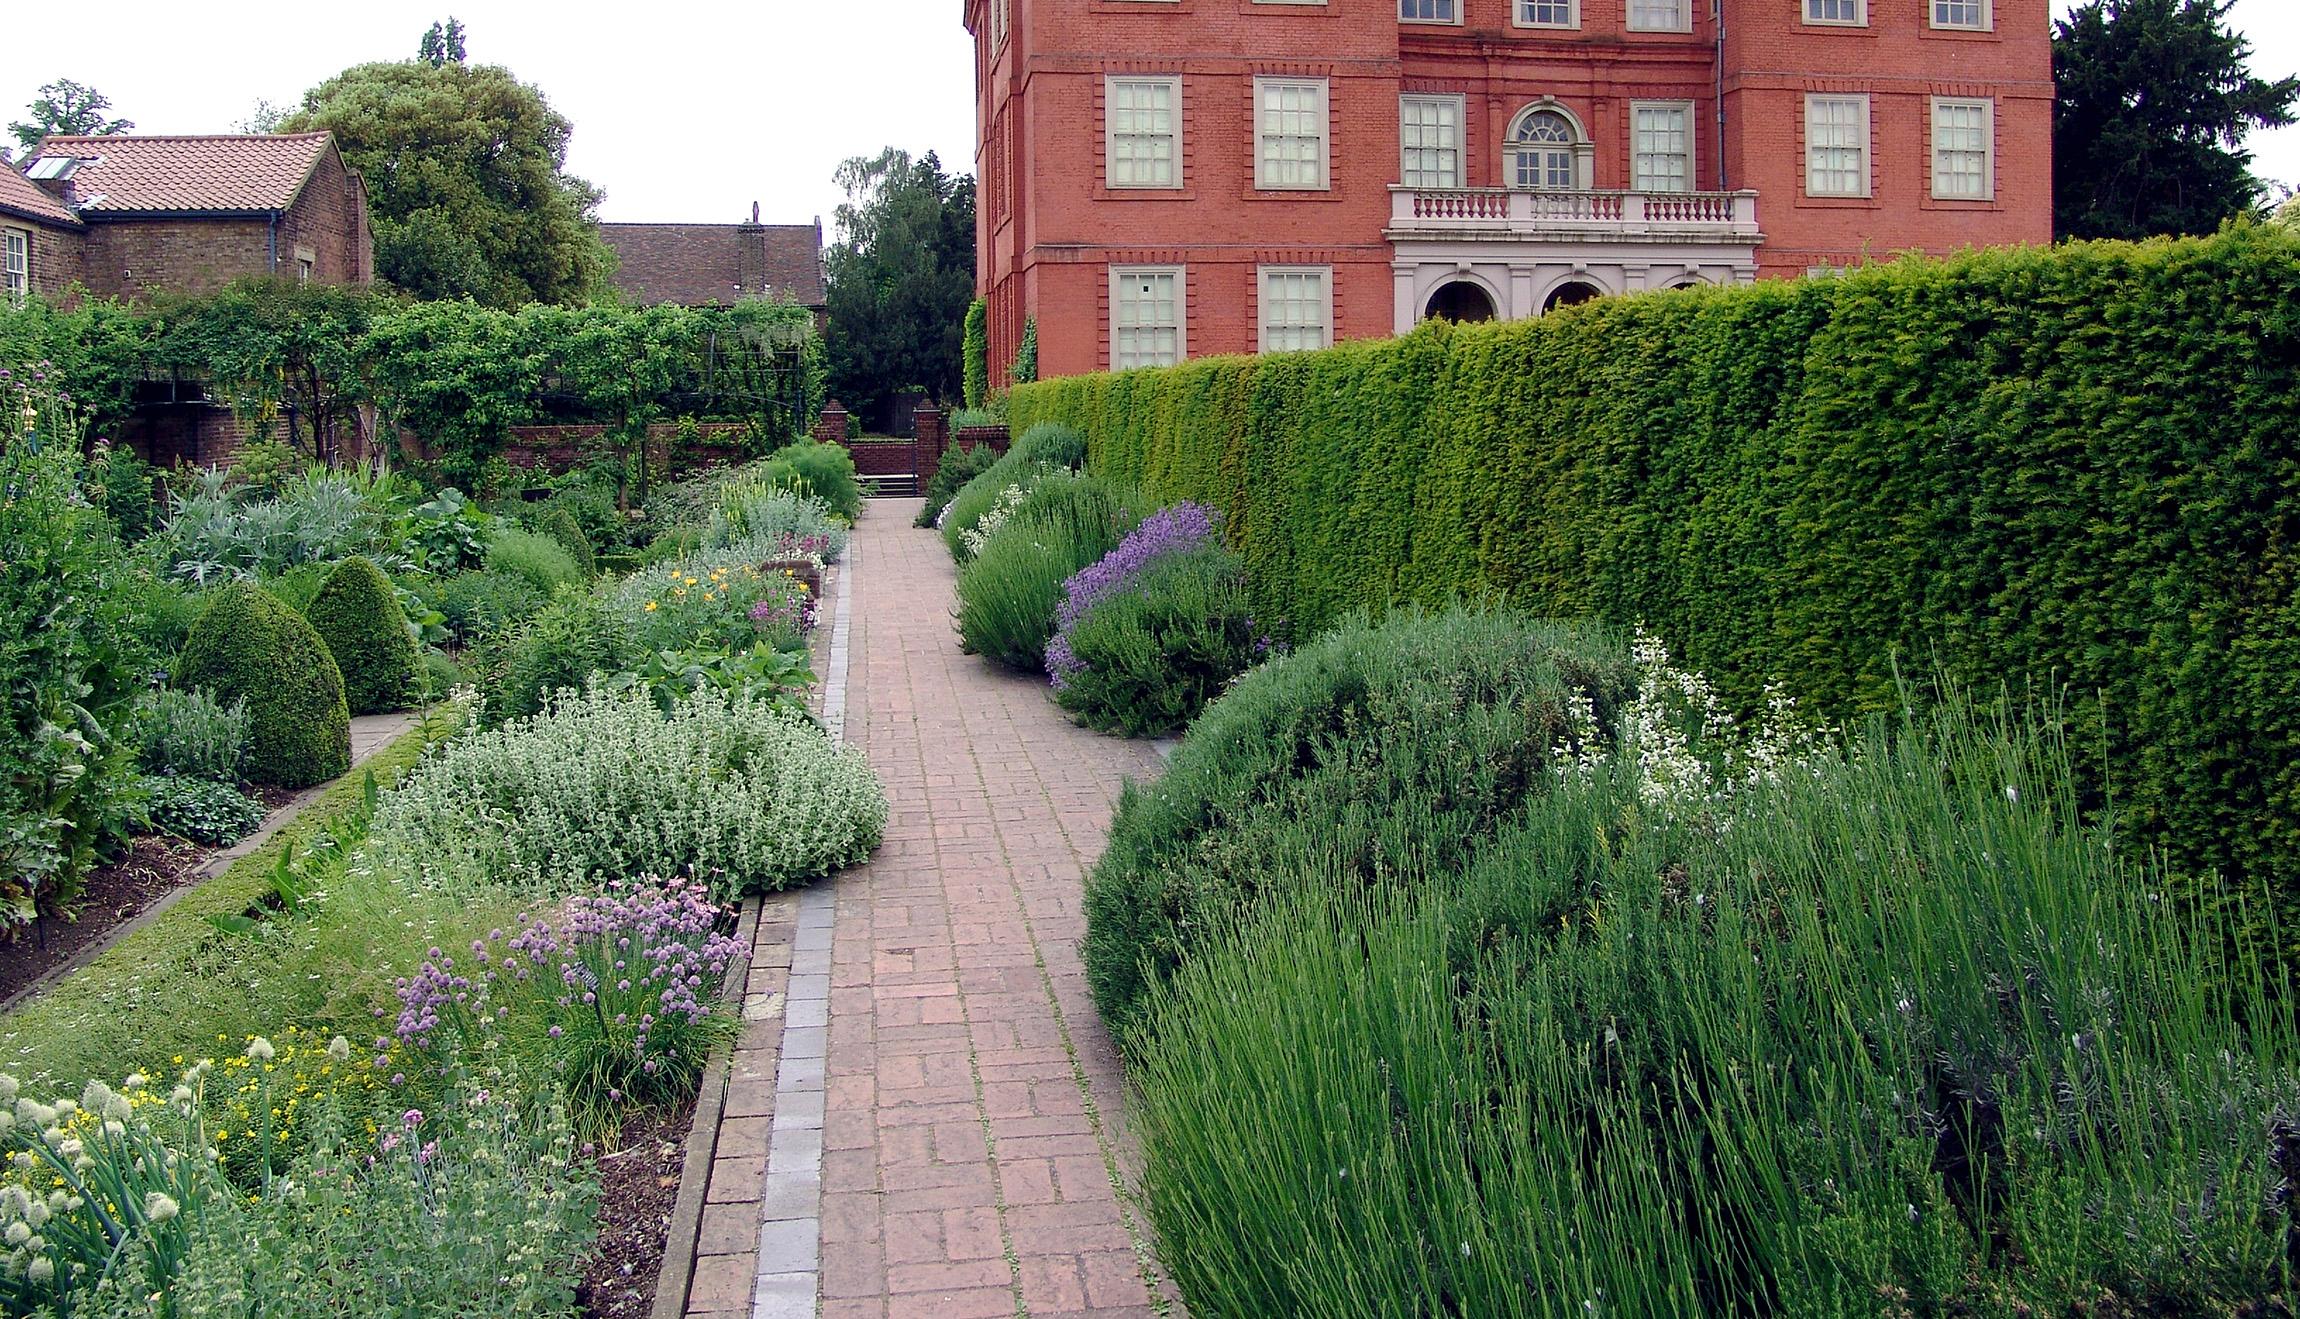 Английский сад: виды пейзажного стиля, особенности ландшафтного дизайна, цветовой баланс парка